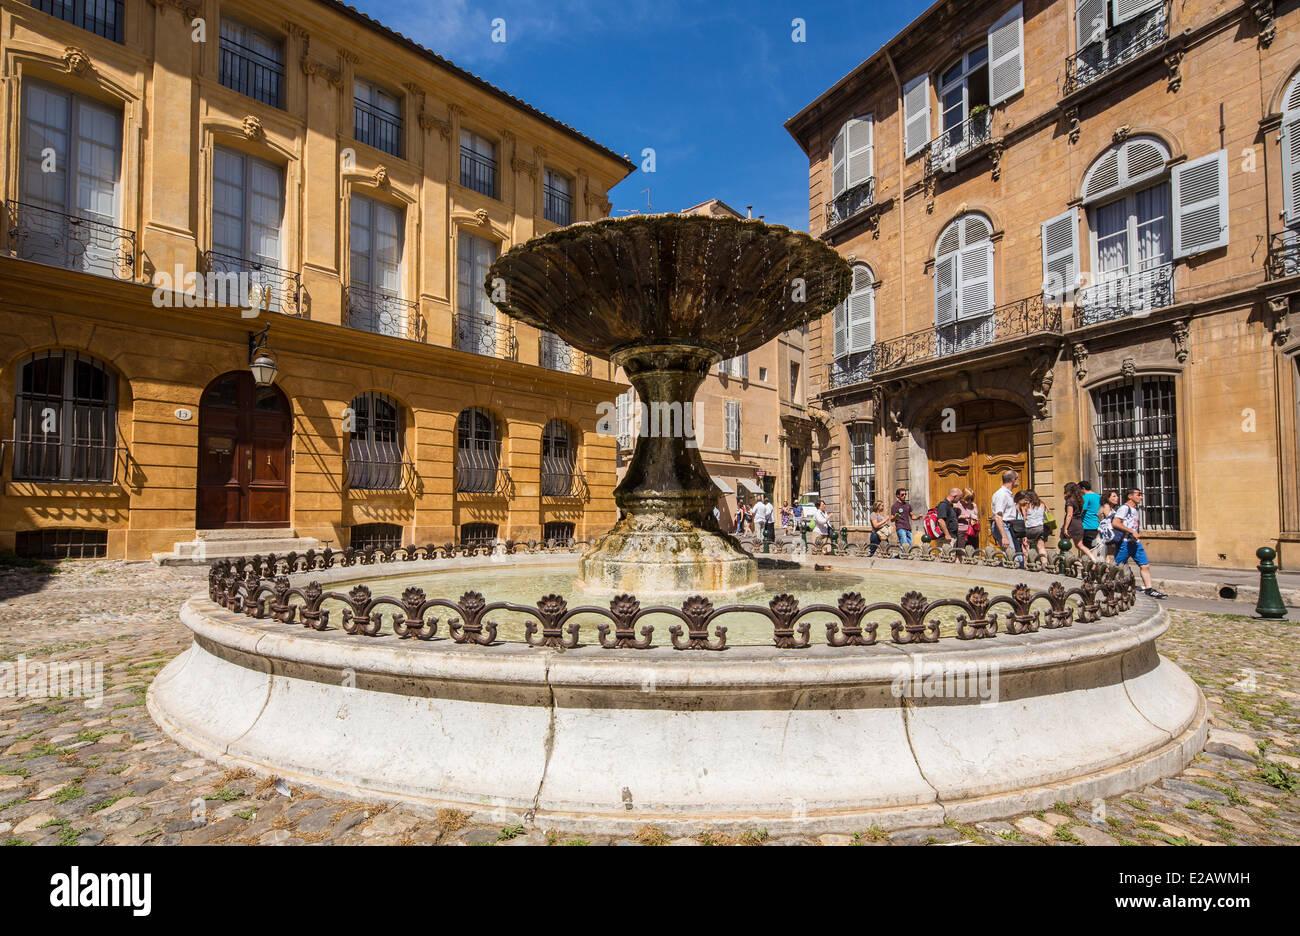 France, Bouches du Rhone, Aix en Provence, Place d'Albertas - Stock Image